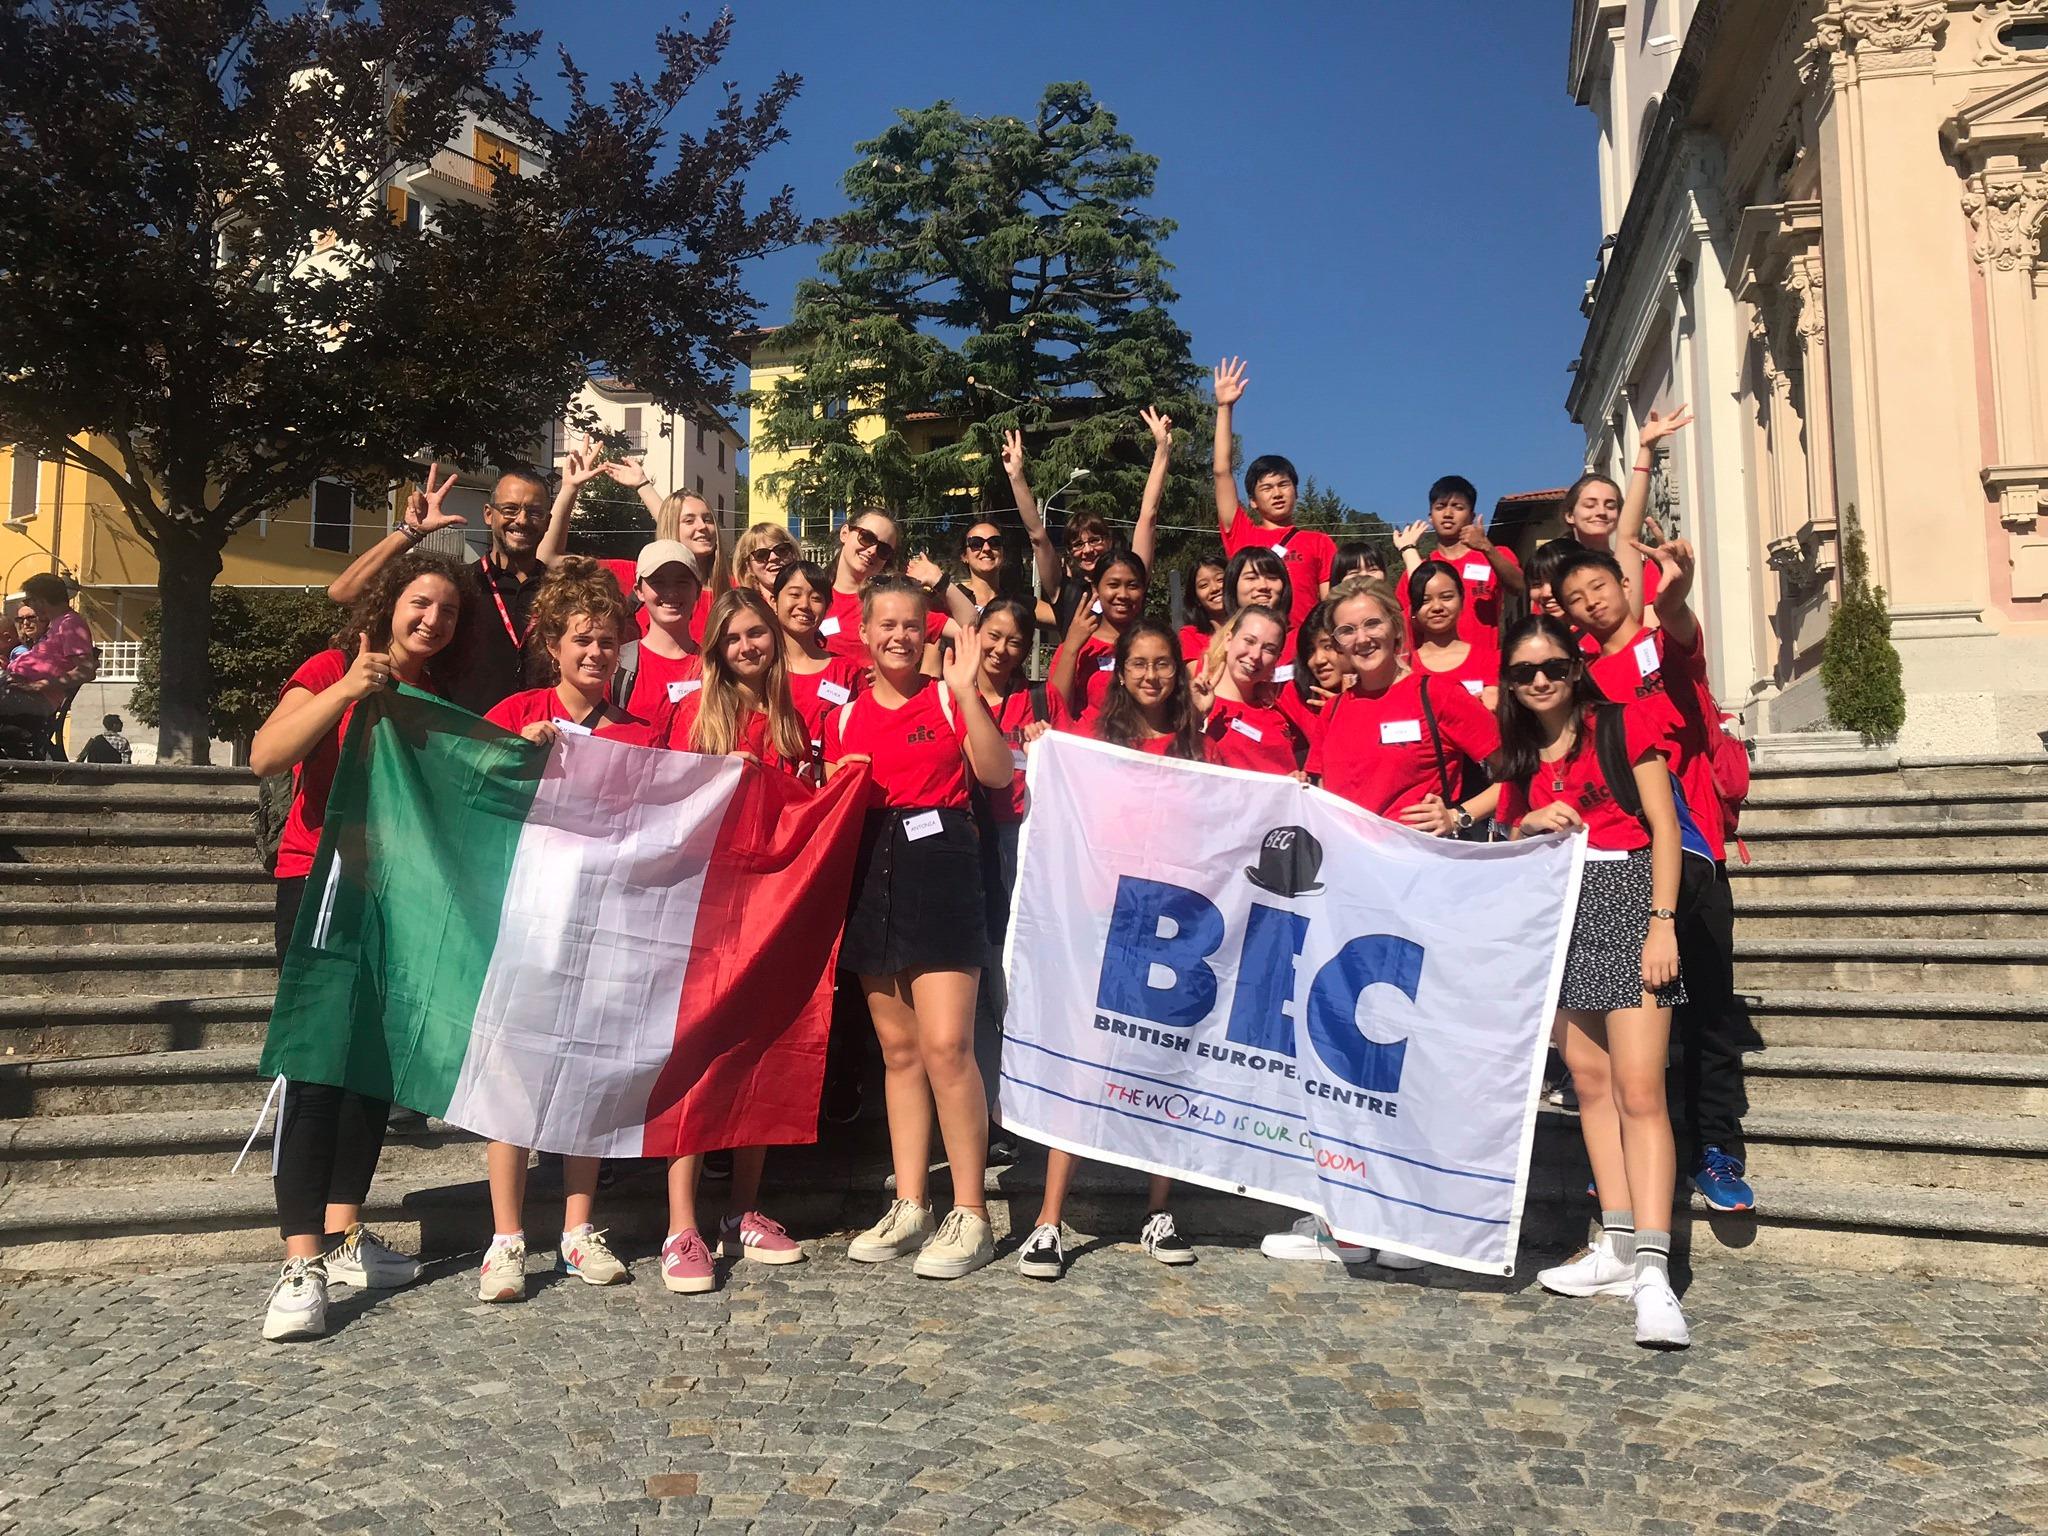 VIDEO ORIENTATION STUDENTI STRANIERI IN ITALIA